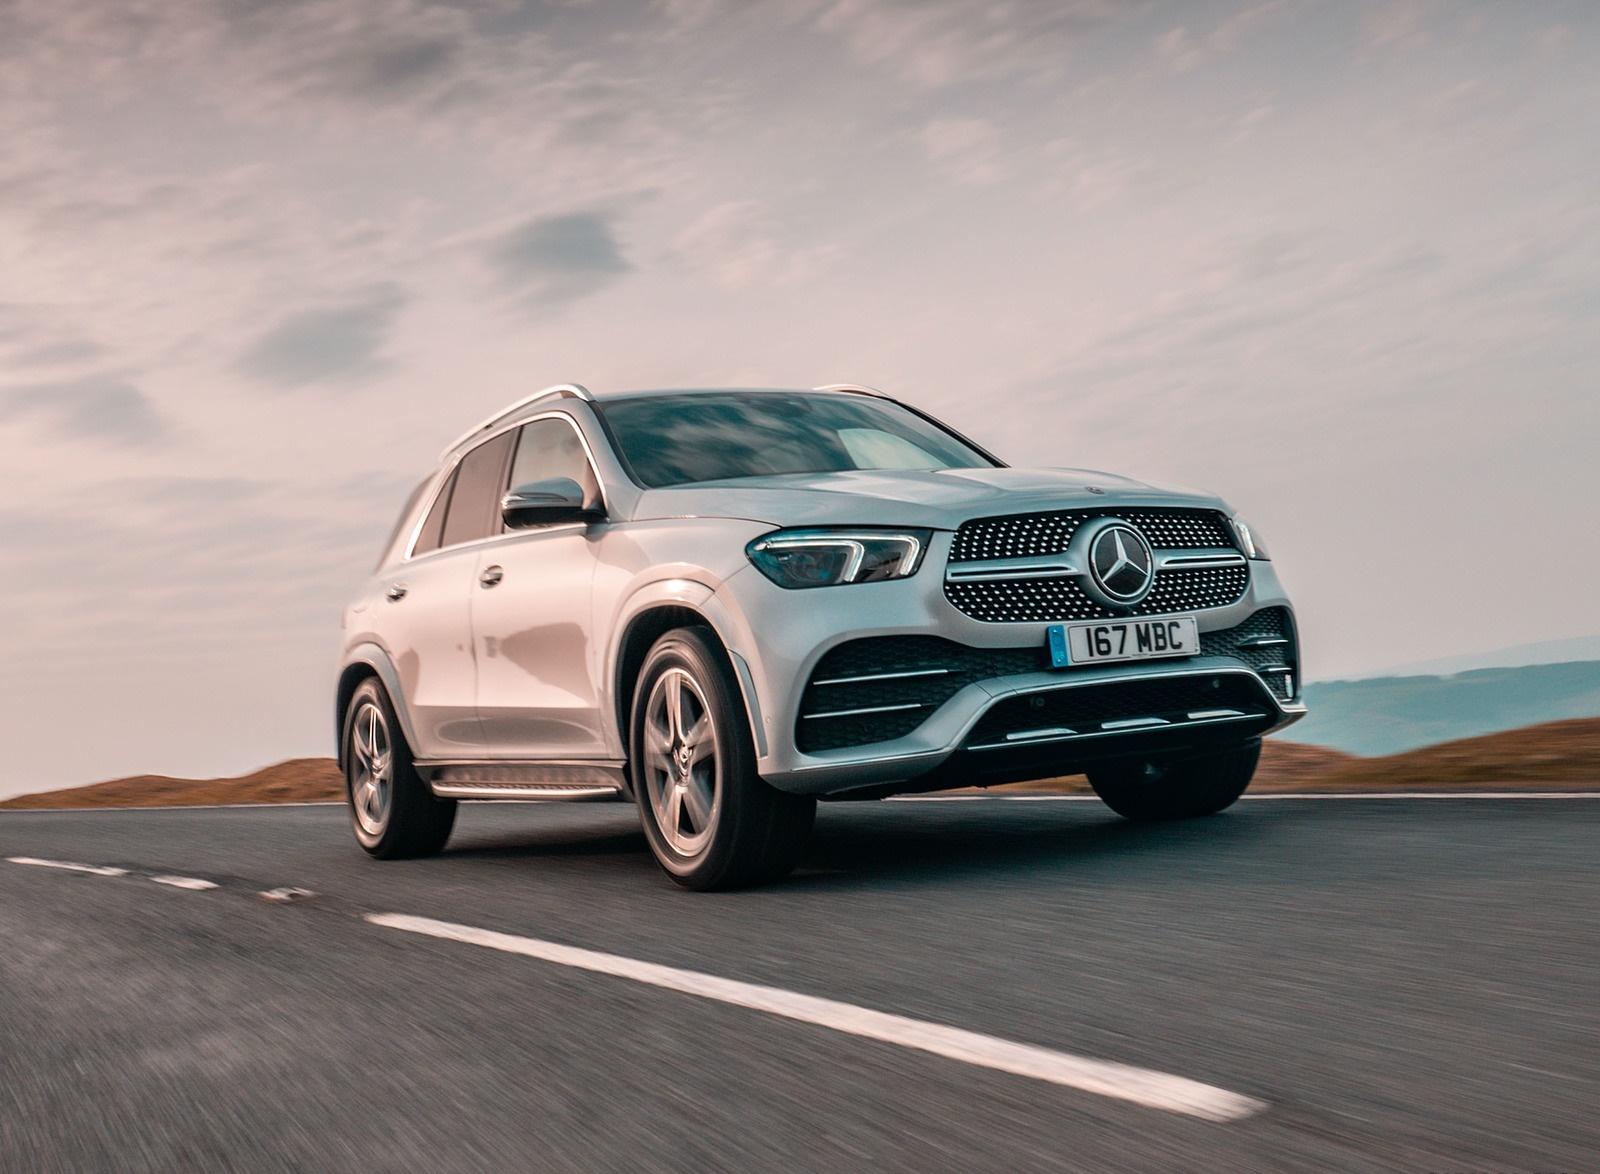 2020 Mercedes-Benz GLE 300d (UK-Spec) Front Three-Quarter Wallpapers (2)